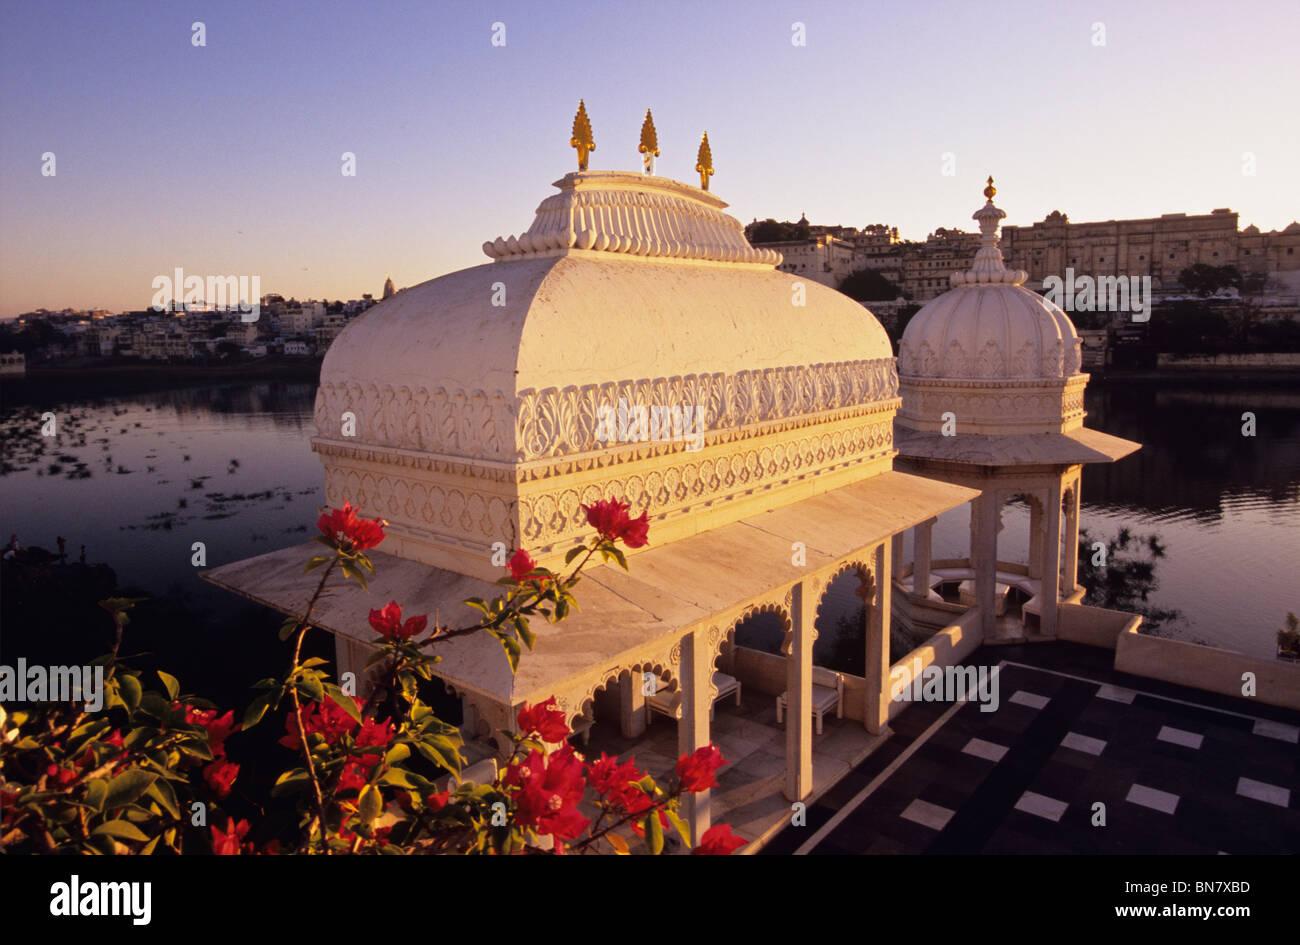 Jag Niwas Lake Palace Hotel Udaipur Rajasthan India - Stock Image